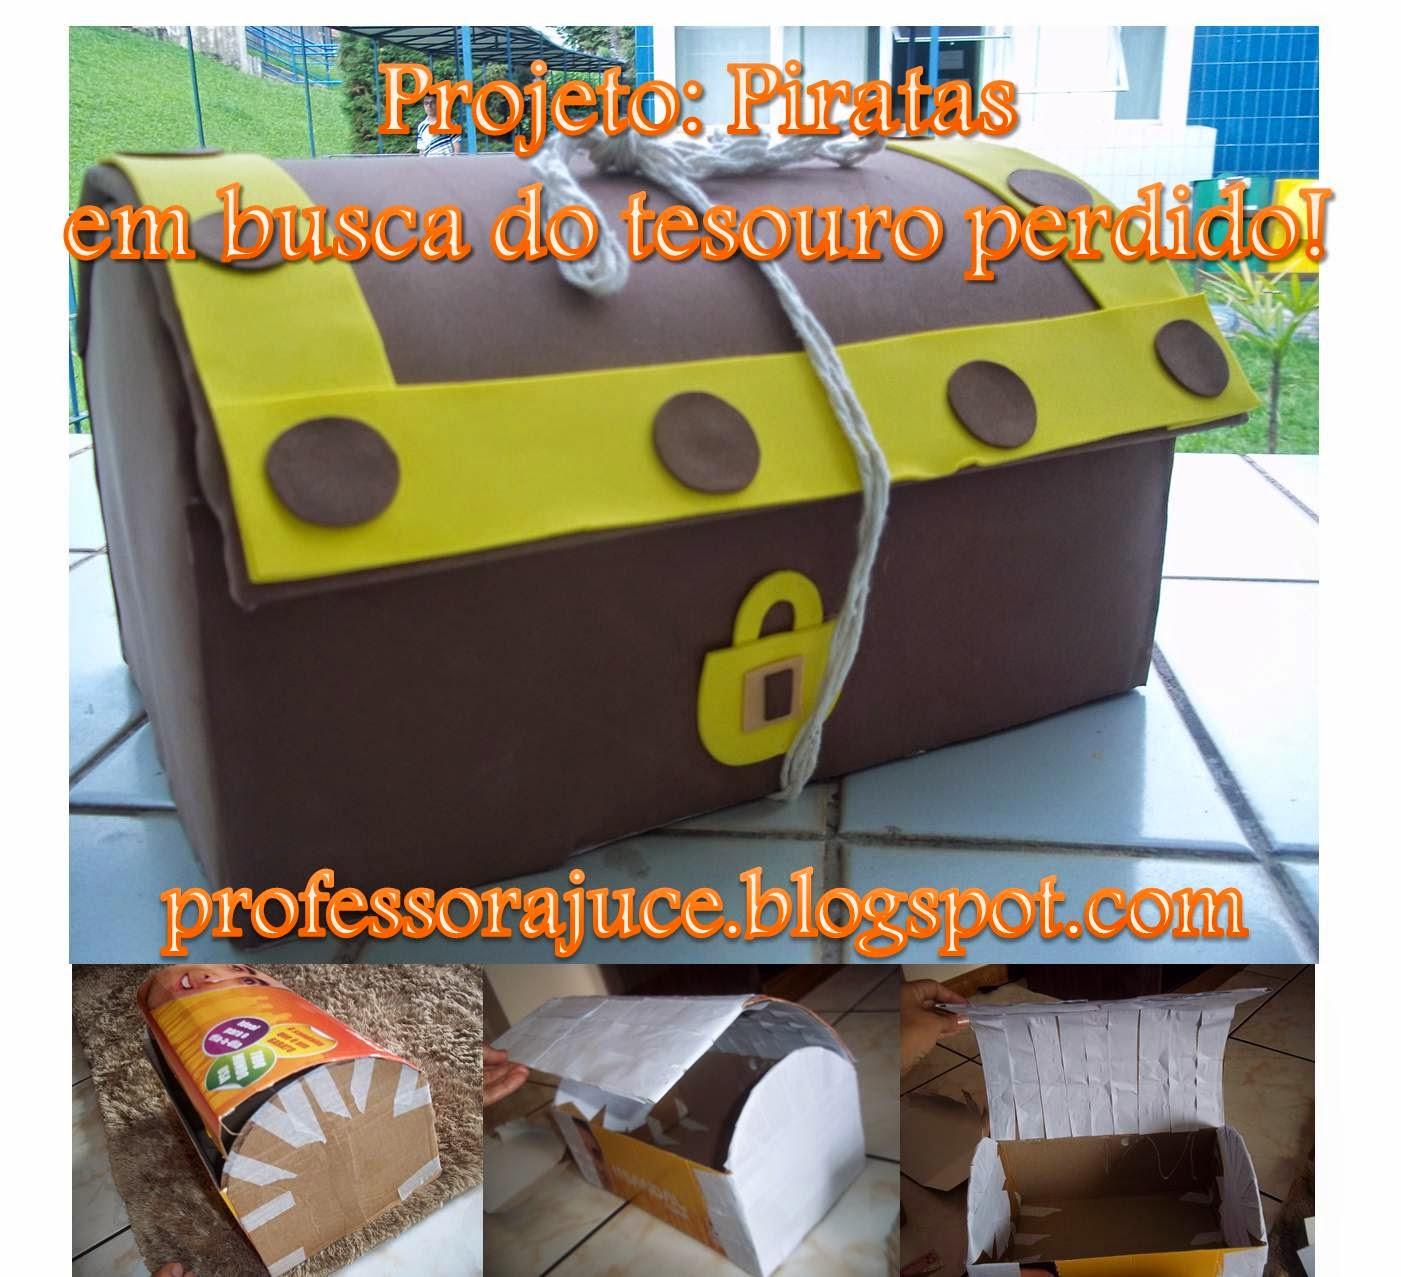 Favoritos Professora Juce: Projeto: Piratas - para Educação Infantil AR78